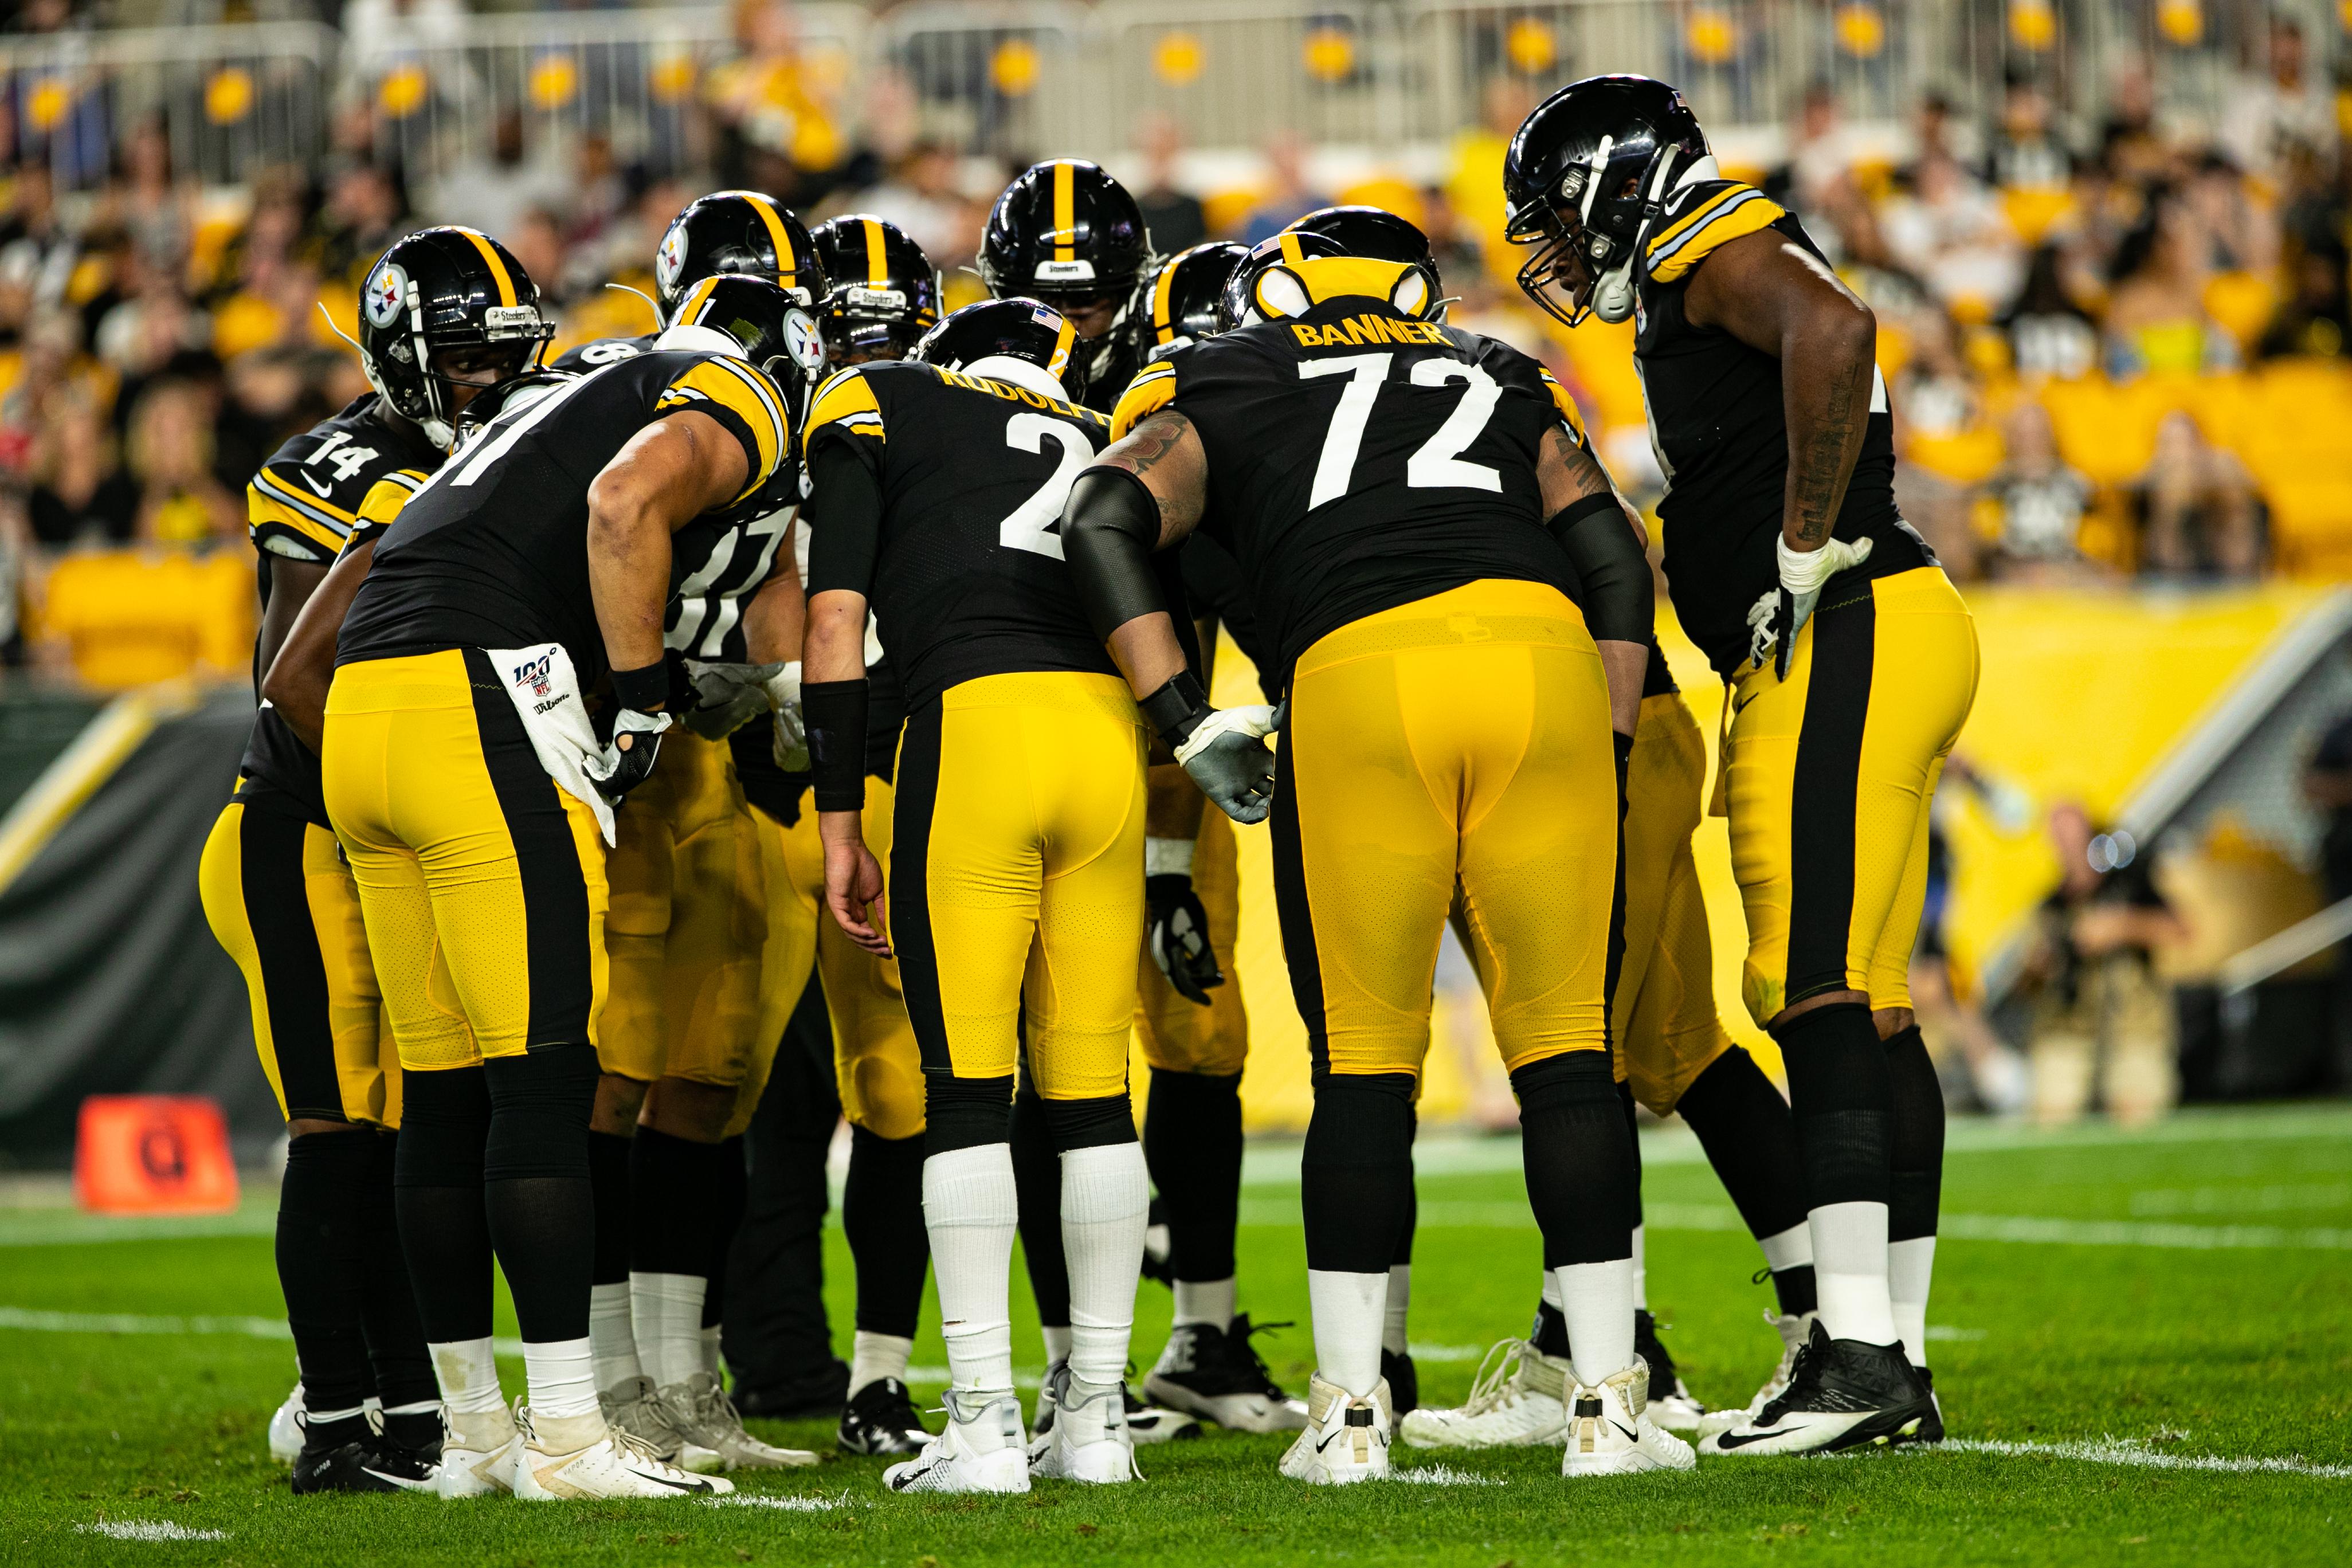 NFL: AUG 09 Preseason - Buccaneers at Steelers